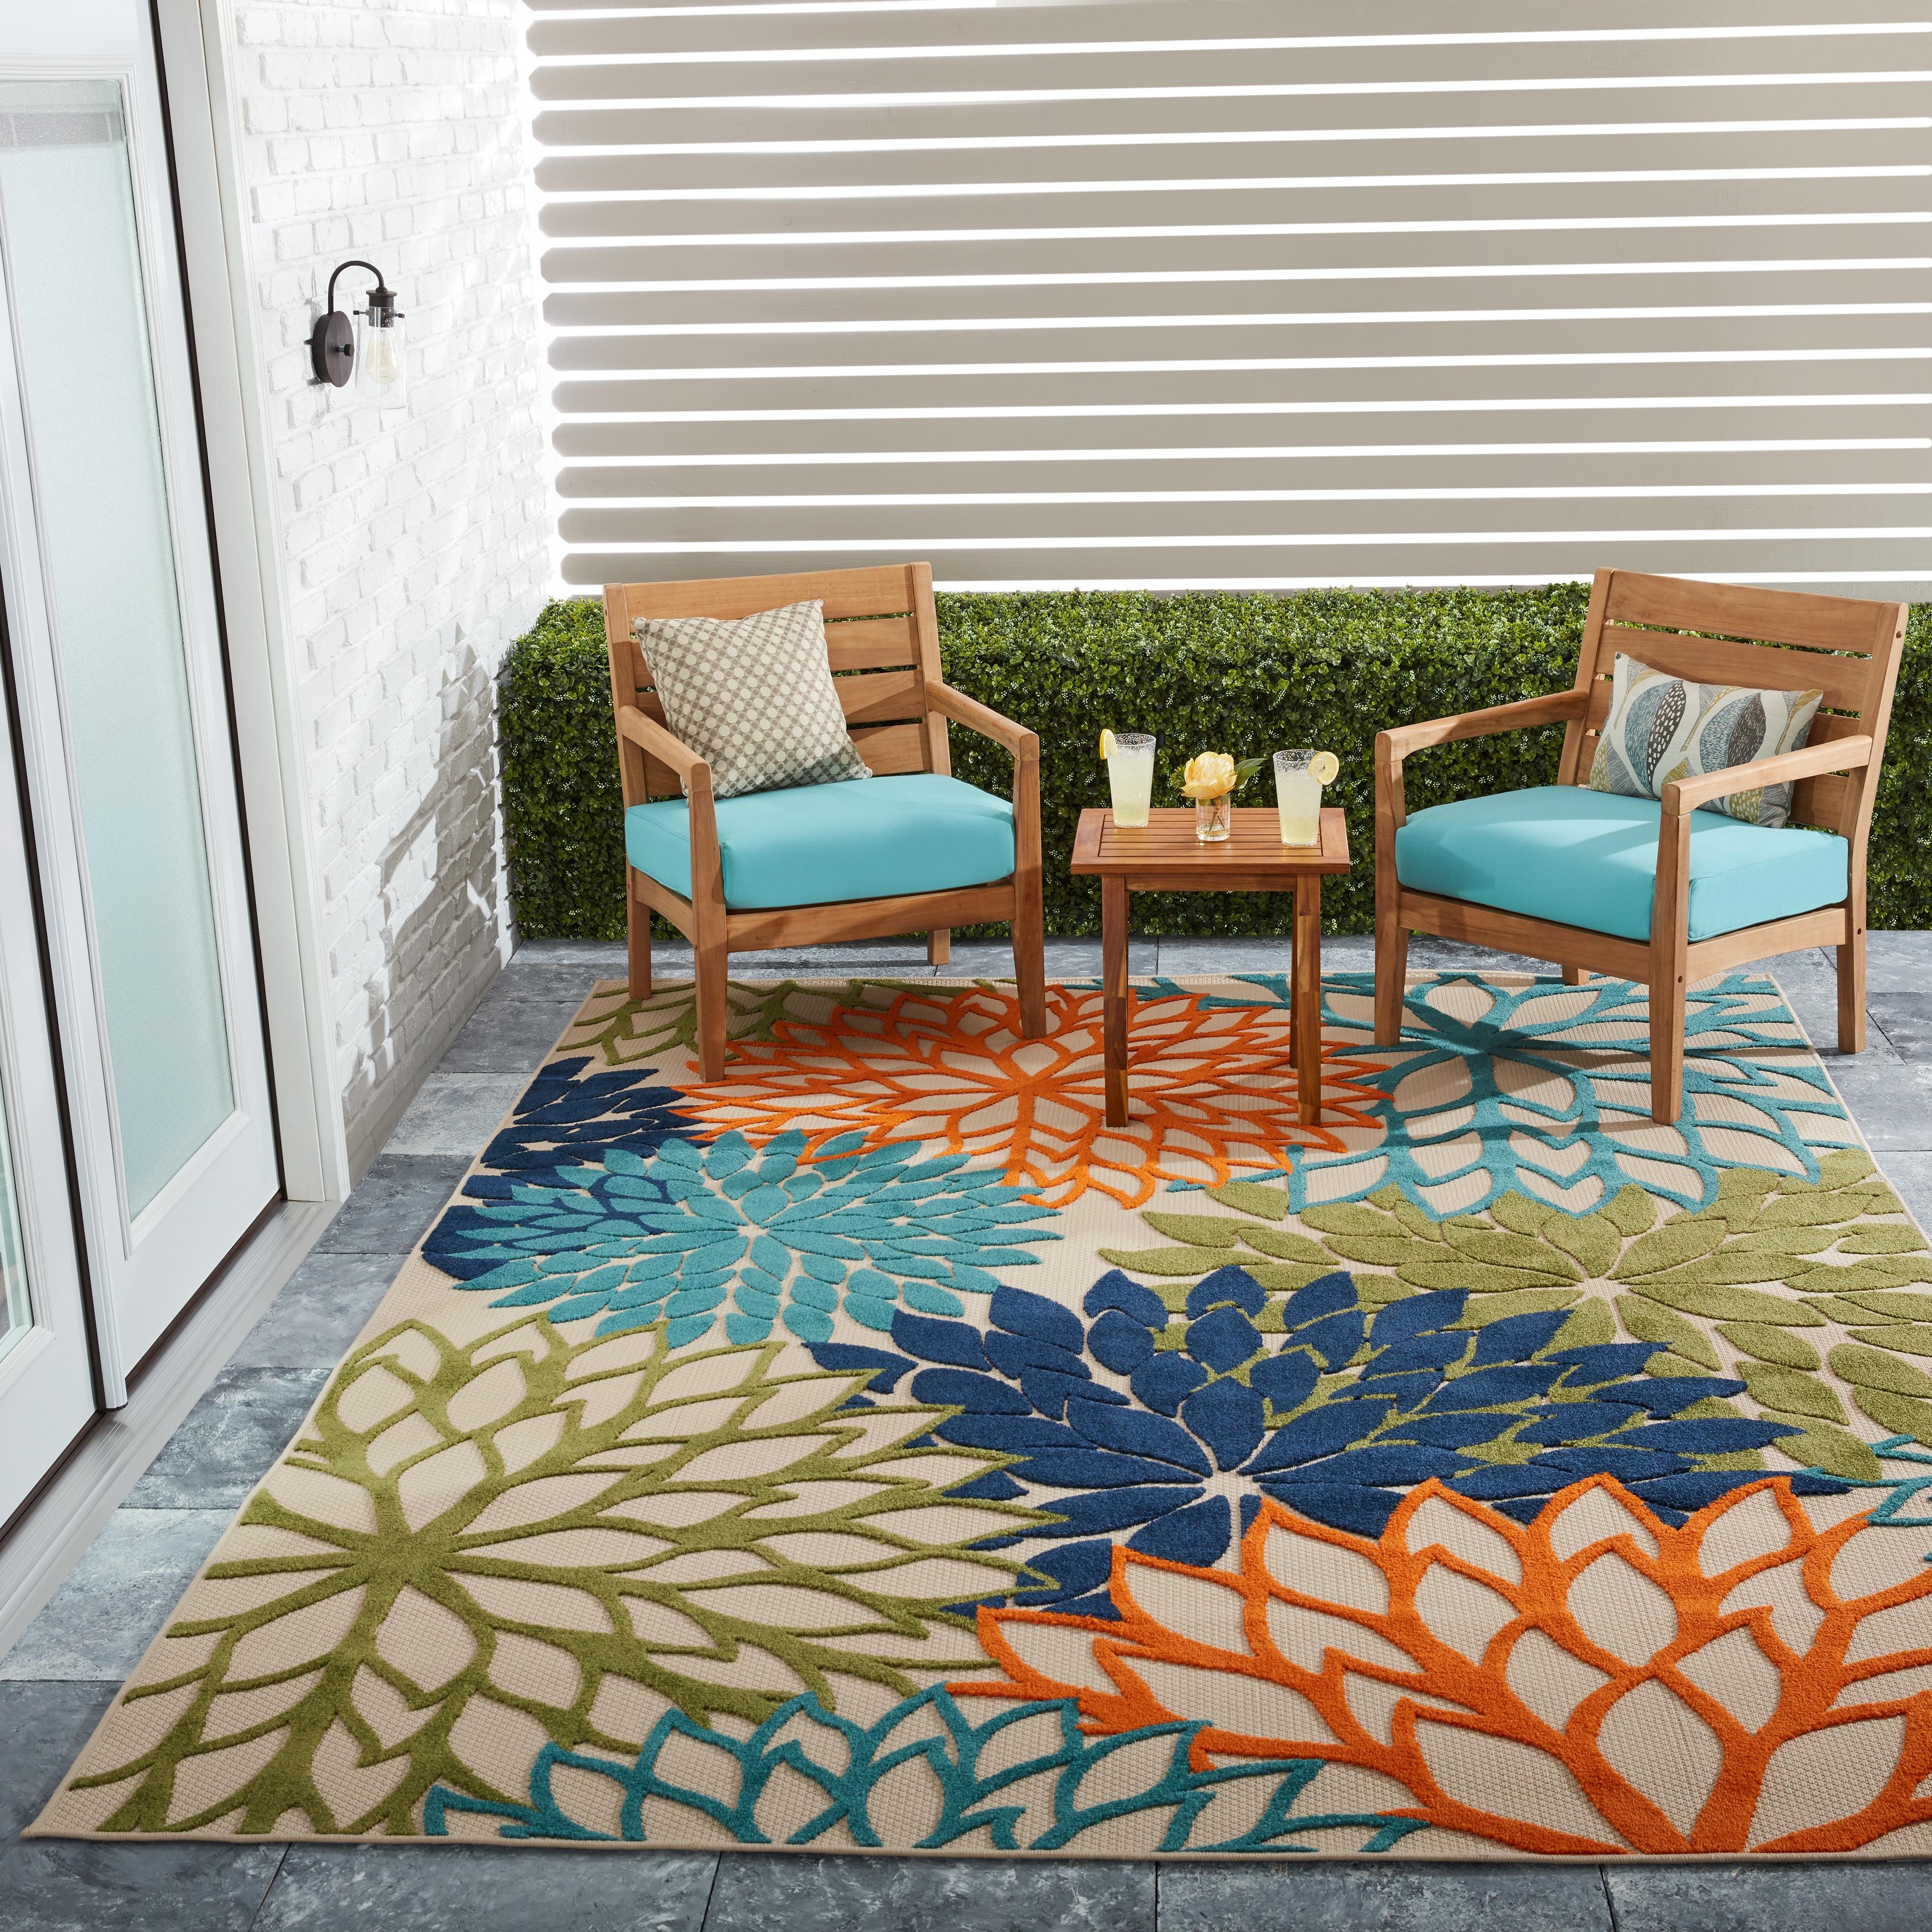 Nourison Aloha Floral Navy Green Indoor/Outdoor Rug - 5'3 x 7'5